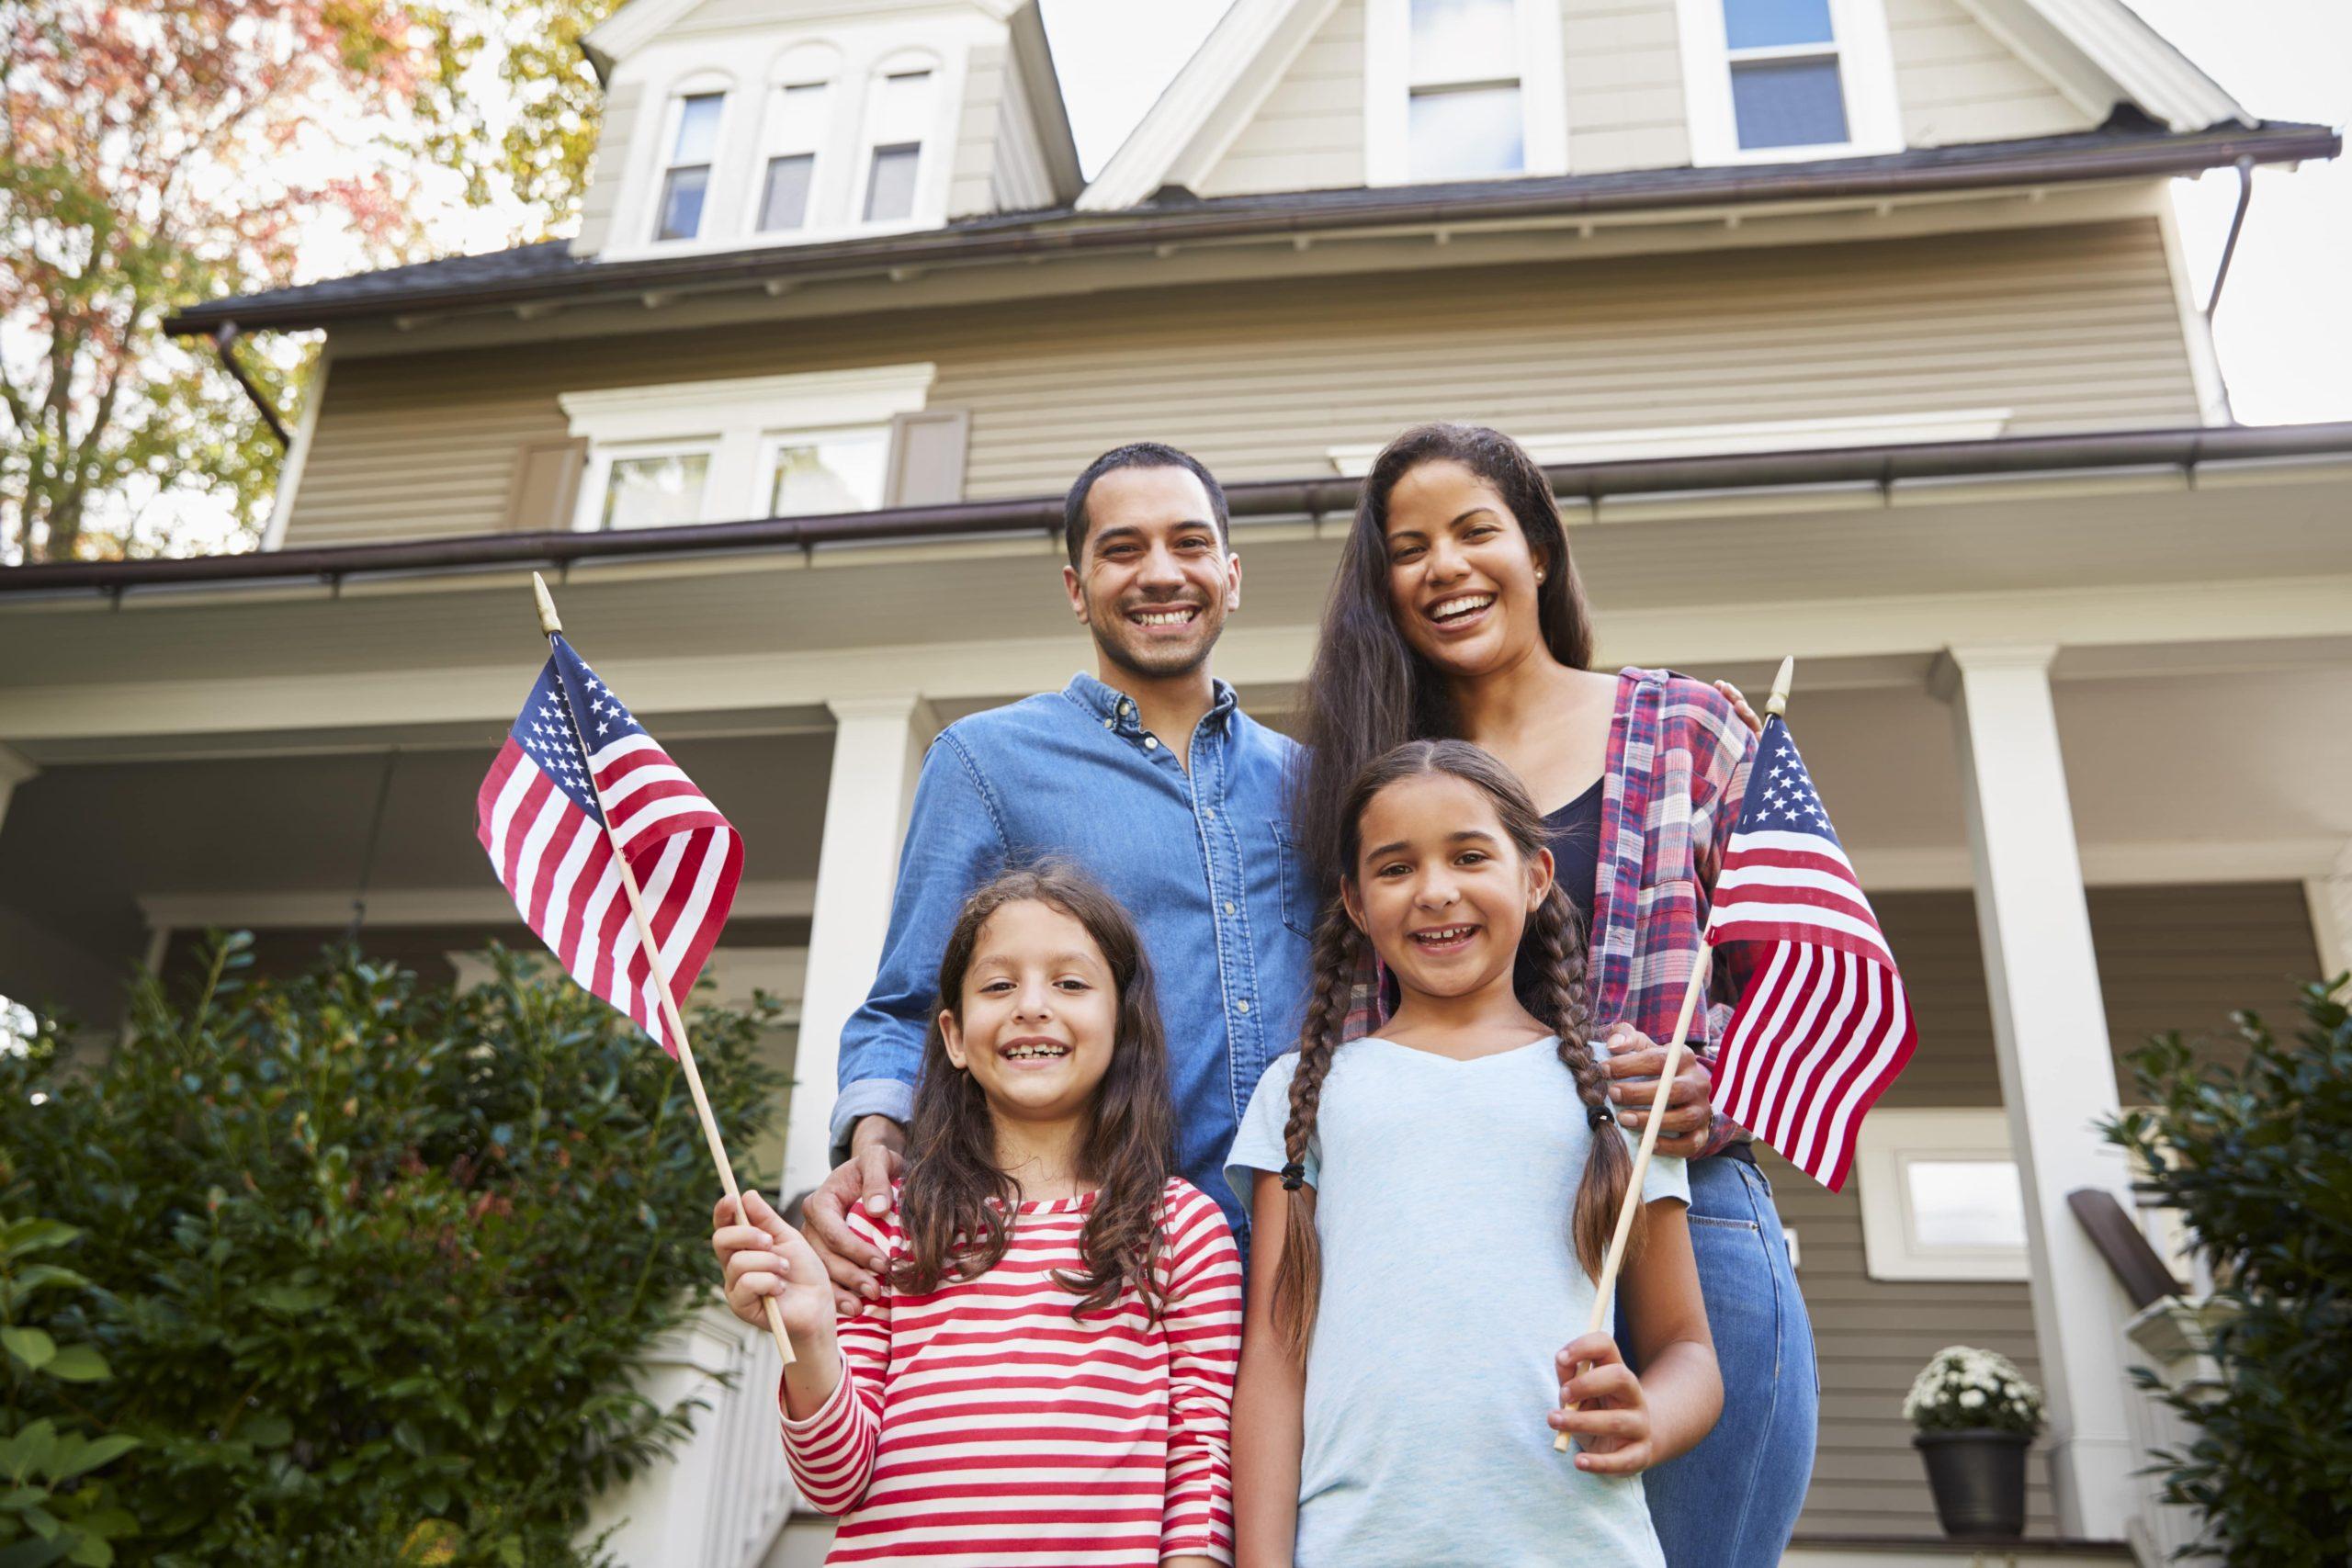 foto familia estadounidense